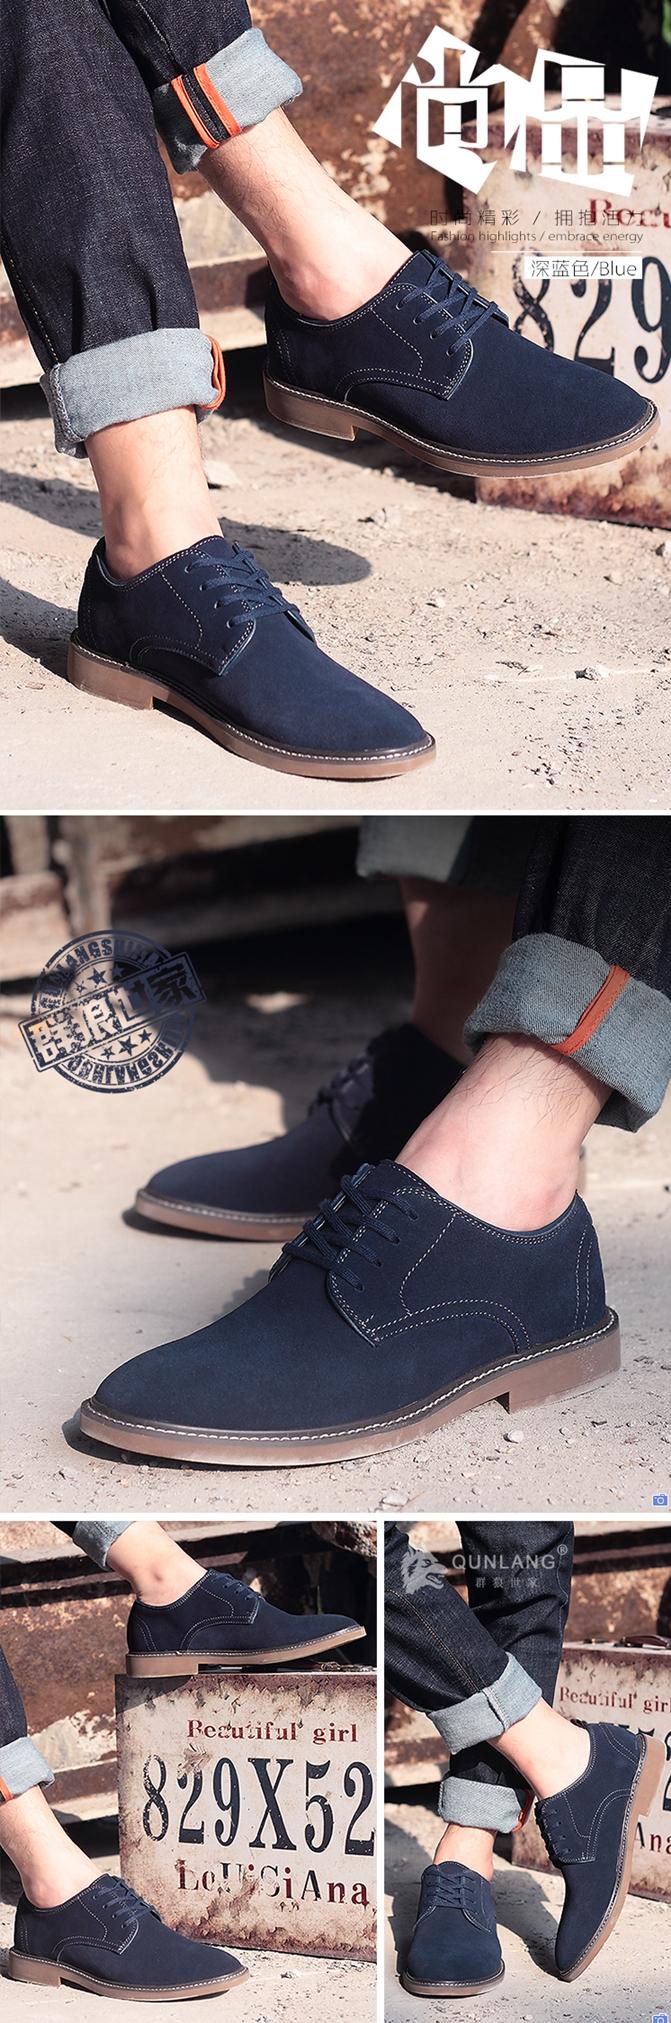 รองเท้าชาย รองเท้าหนังนิ่มรองเท้าลำลองแฟชั่น